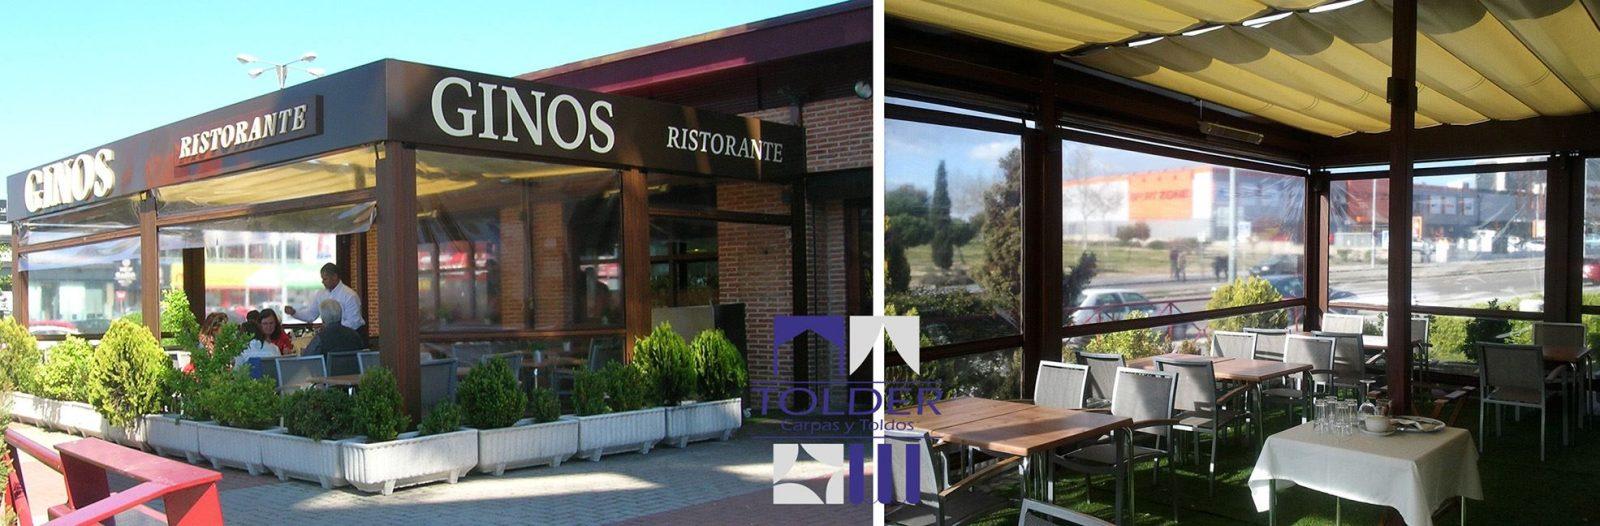 Restaurante Ginos de la cadena VISP, (pérgola instalada por Tolder en Parque Oeste de Madrid